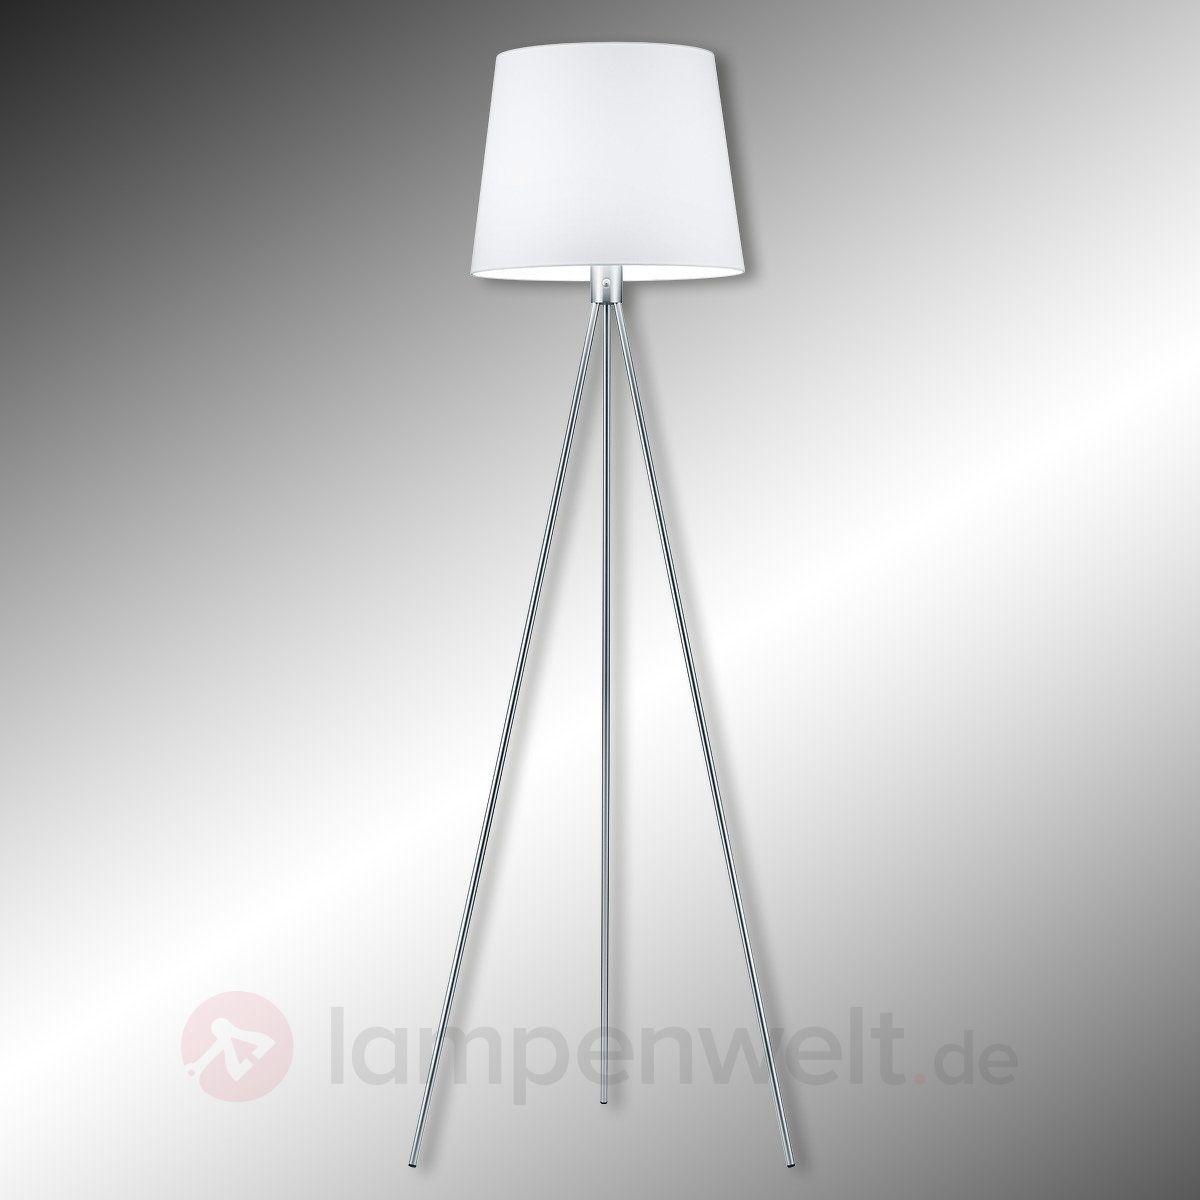 Dreibeinige Stehleuchte Pico   Lampen und Leuchtenwelt // Lights ...